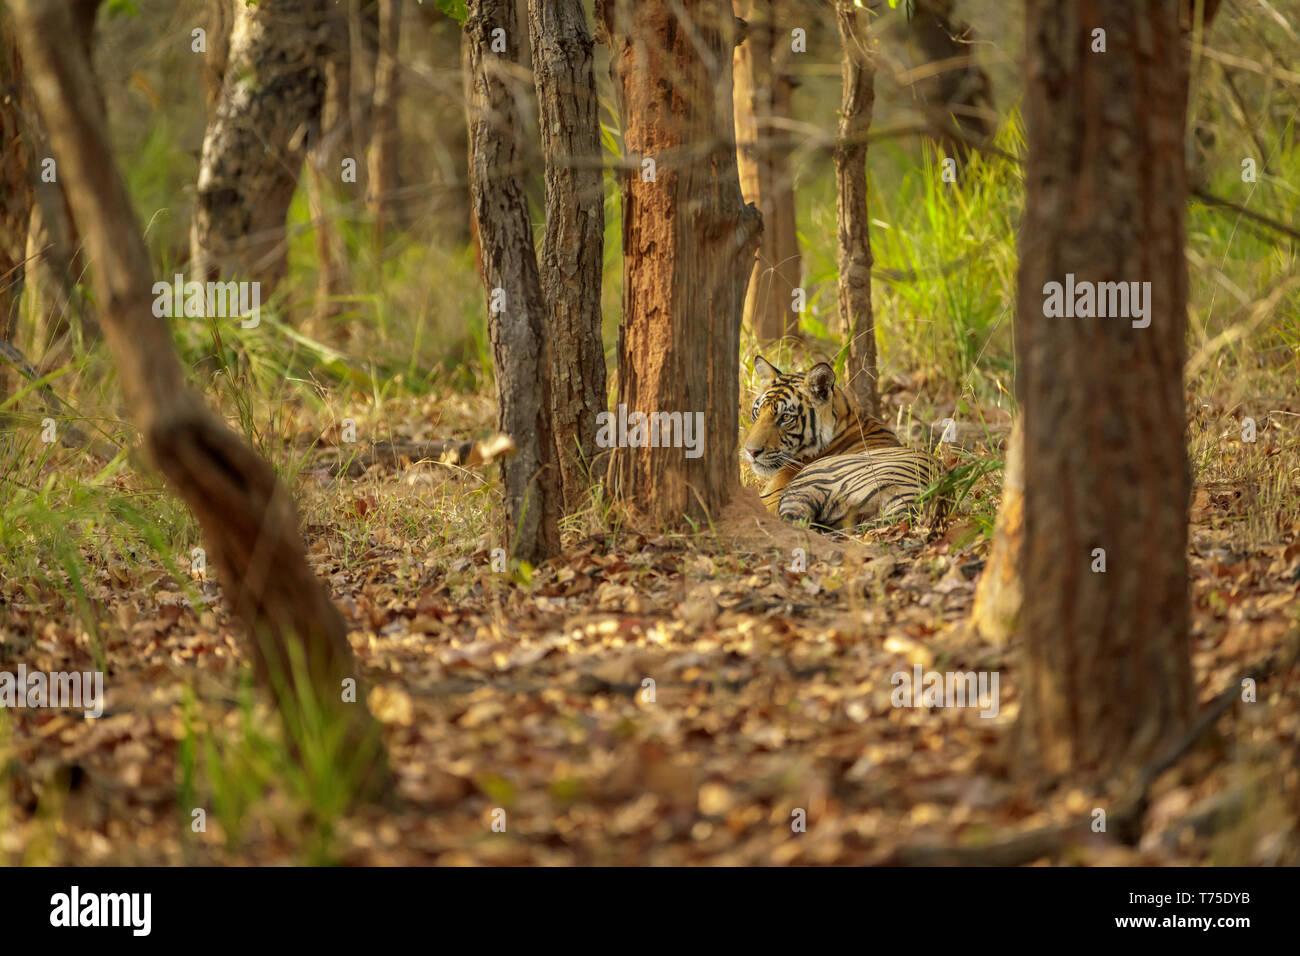 Tigress, Bengal tiger (Panthera tigris) rests lying in woodland in Bandhavgarh National Park, Umaria district, central Indian state of Madhya Pradesh - Stock Image